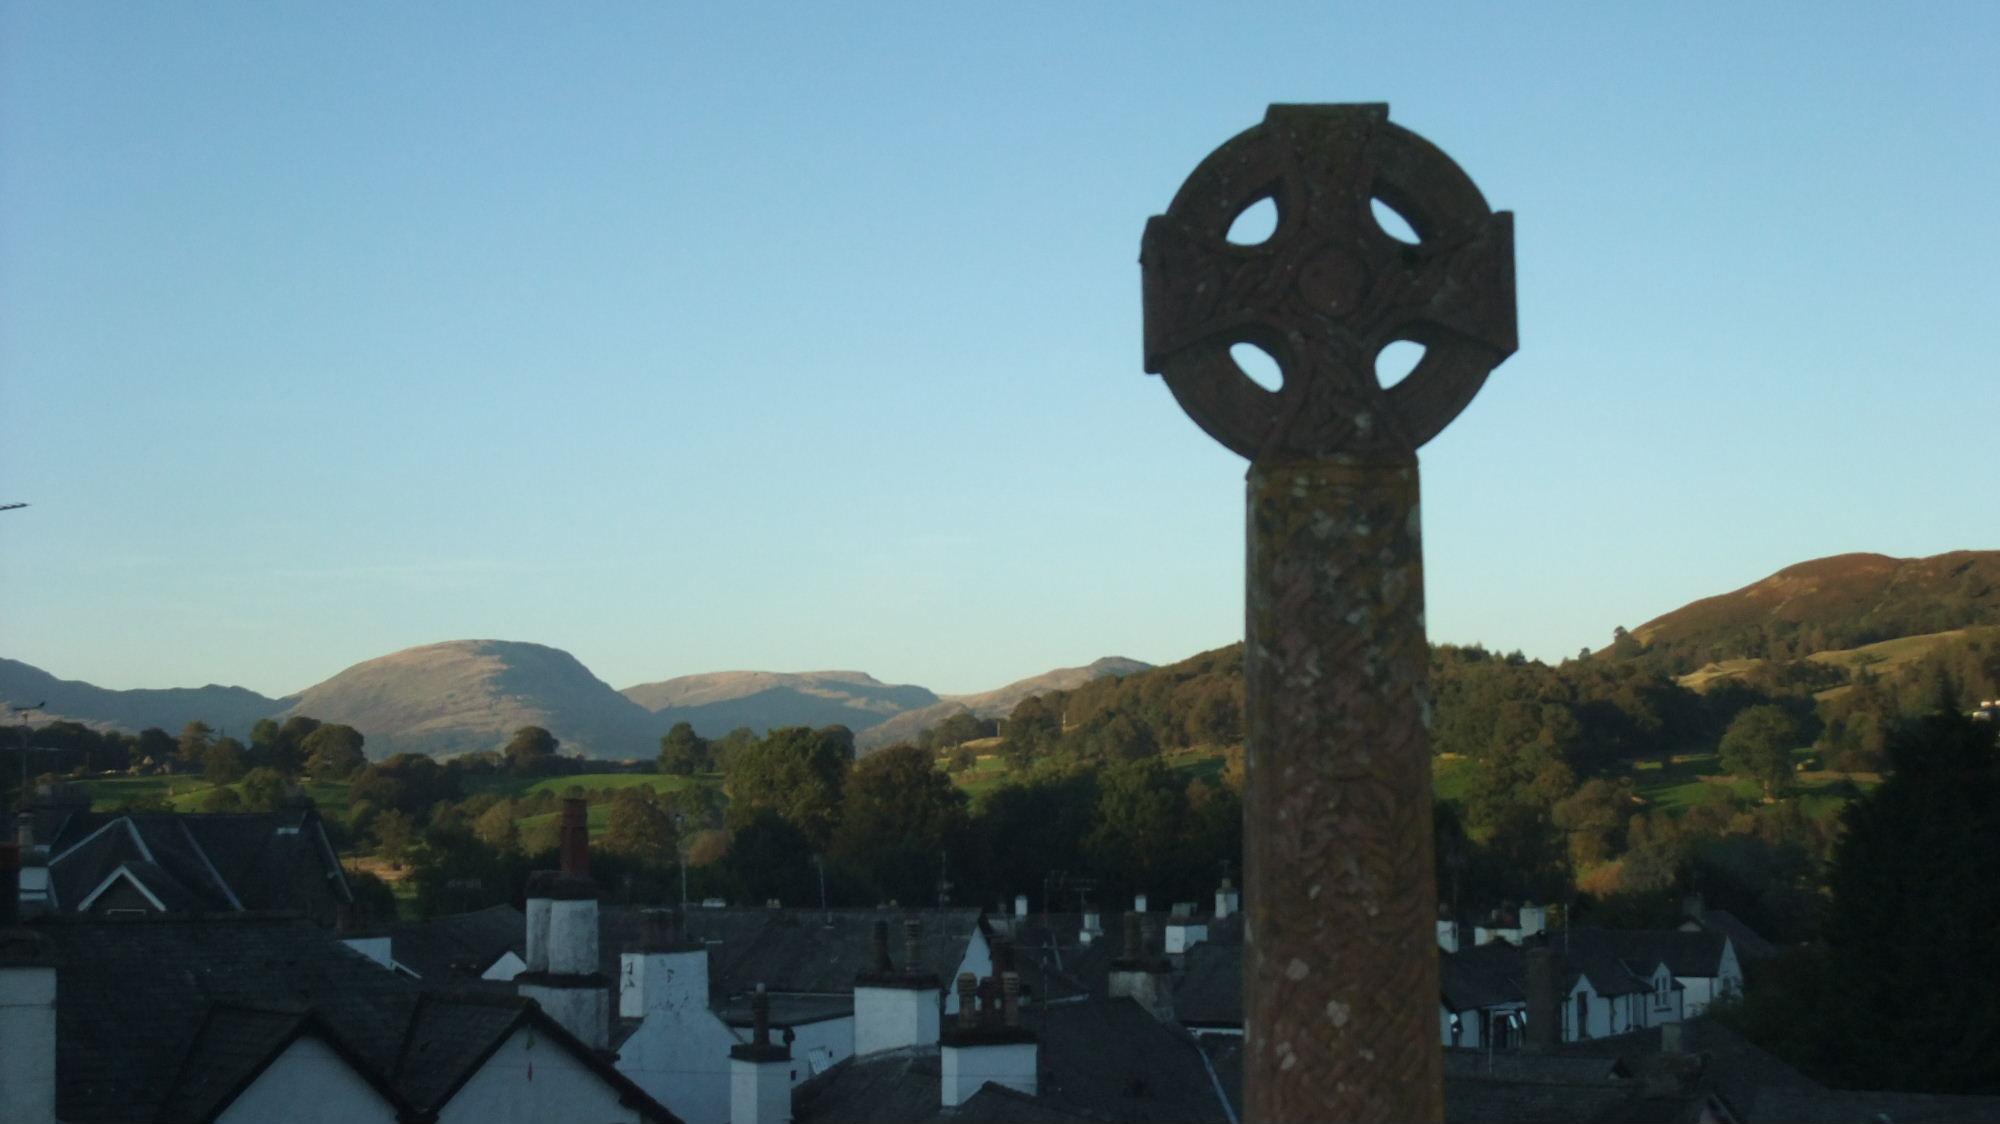 View from Hawkshead church